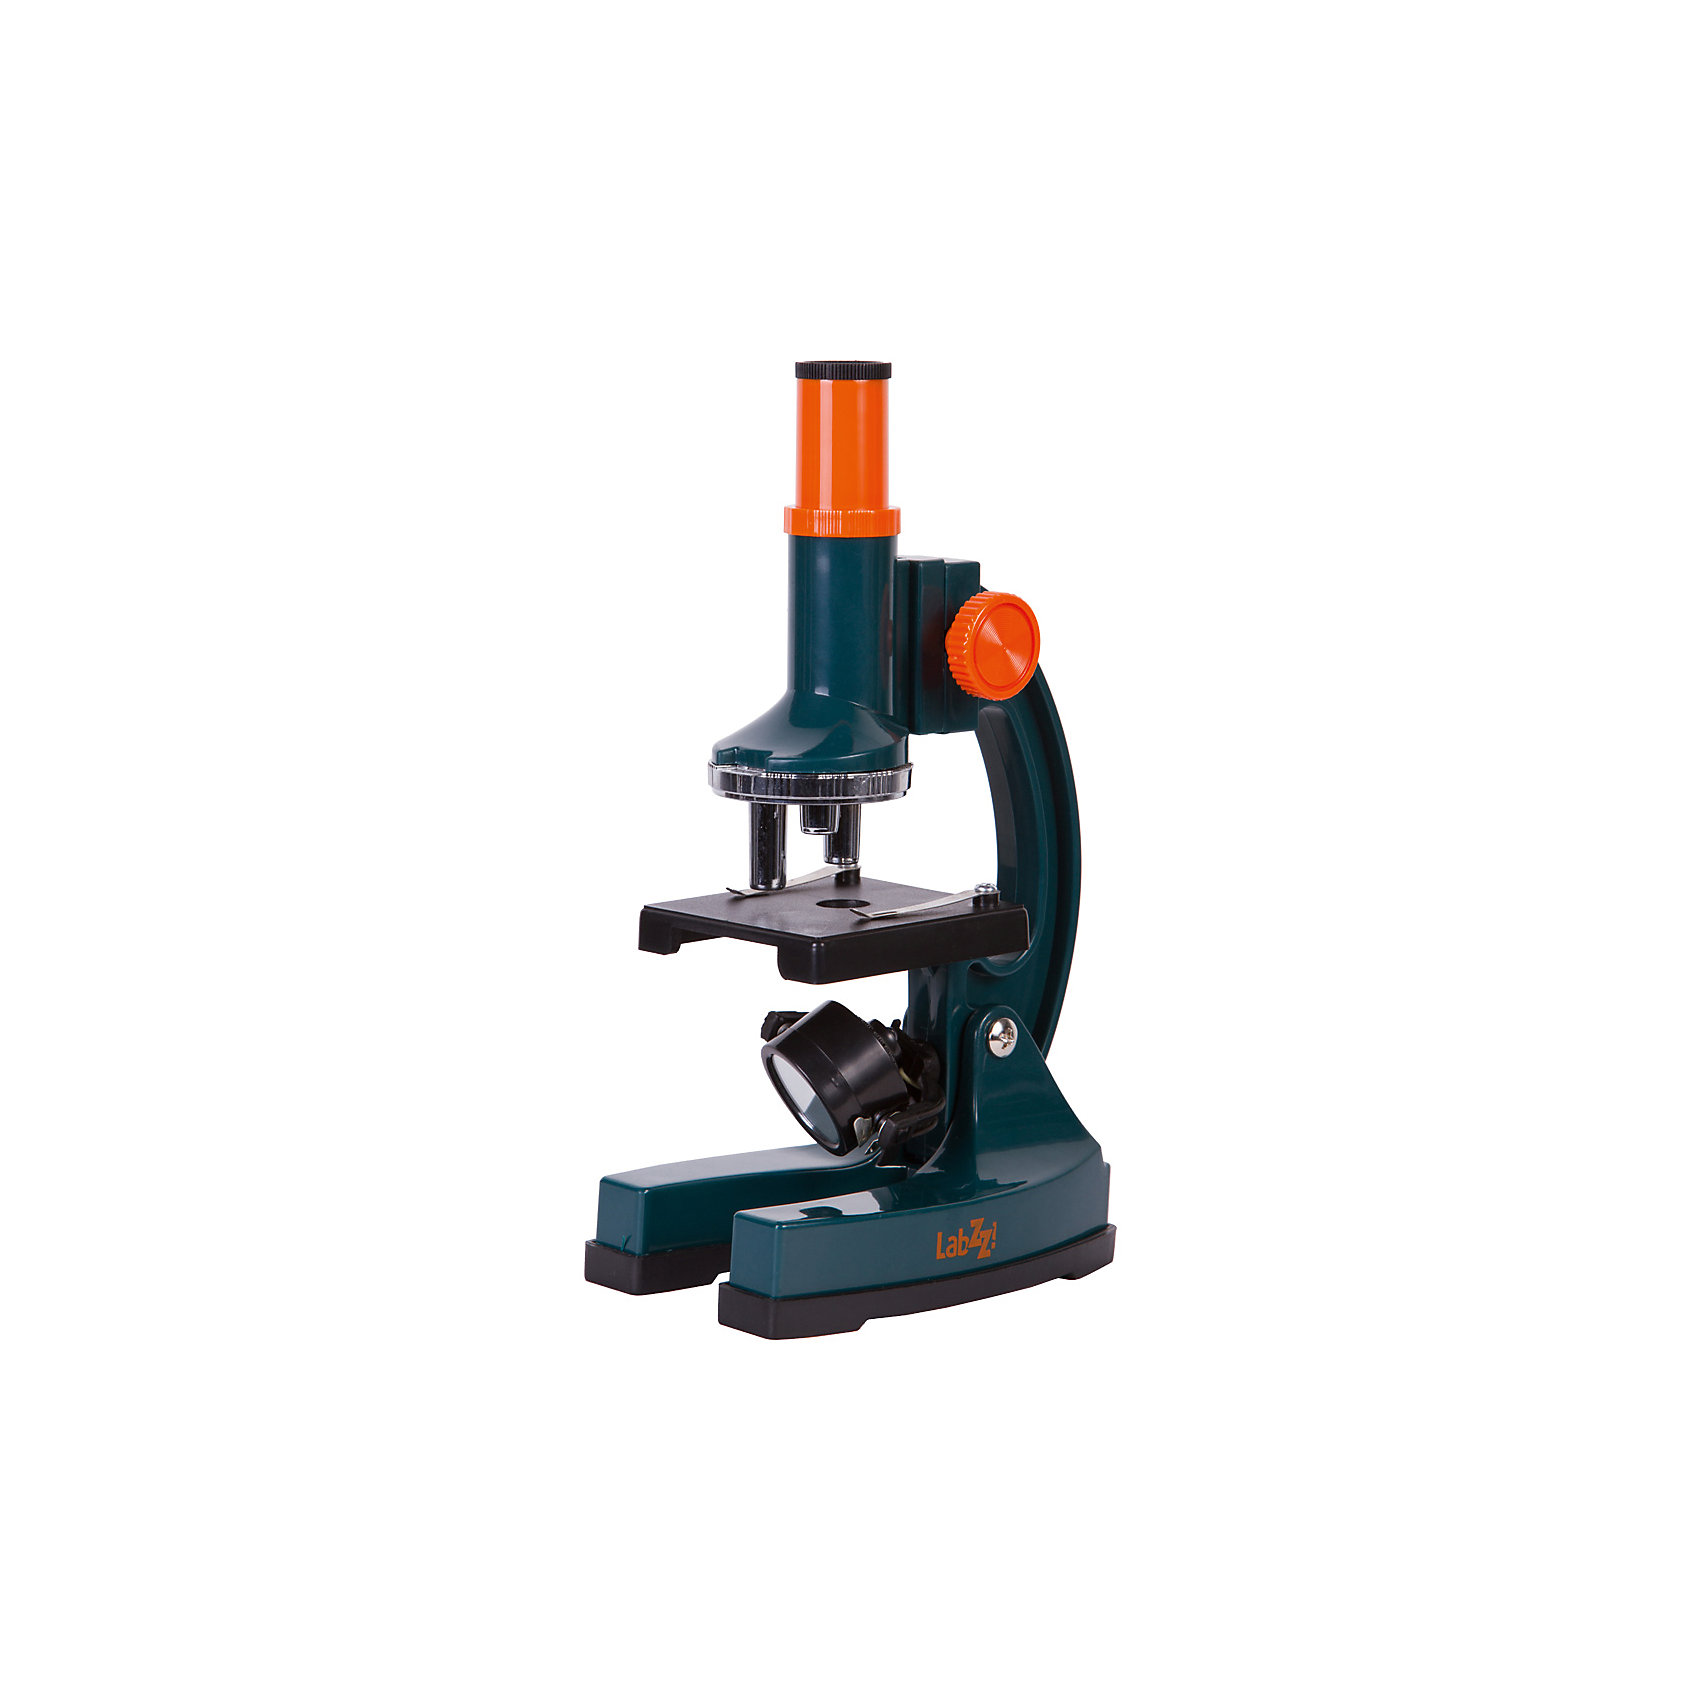 Микроскоп Levenhuk LabZZ M2Микроскопы для школьников<br>Характеристики товара:<br><br>• материал: металл, пластик<br>• увеличение: до 900 крат<br>• набор для опытов в комплекте<br>• легкий пластиковый корпус<br>• подсветка: зеркало или встроенная лампа накаливания<br>• лампа работает от батареек 2хАА<br>• комплектация: микроскоп, окуляр, пипетка, лопатка, скальпель, пестик, готовые микропрепараты (3 шт.), предметные стекла (3 шт.), покровные стекла (6 шт.), наклейки для стекол (6 шт.), фиксатор, морская соль, флакон с артемией, инкубатор для артемии<br>• диаметр окулярной трубки: 17 мм<br>• страна бренда: США<br>• страна производства: КНР<br><br>Собственный микроскоп - это отличный способ заинтересовать ребенка наукой и привить ему интерес к учебе. Эта модель микроскопа была разработана специально для детей - он позволяет увеличивать препарат в 900 крат, с помощью этого дети могут исследовать состав и структуру разнообразных предметов, веществ и организмов. Благодаря стильному дизайну этот микроскоп отлично вписывается в интерьер!<br><br>Оптические приборы от американской компании Levenhuk уже успели зарекомендовать себя как качественная и надежная продукция. Для их производства используются только безопасные и проверенные материалы. Такой прибор способен прослужить долго. Подарите ребенку интересную и полезную вещь!<br><br>Микроскоп Levenhuk LabZZ M2 от известного бренда Levenhuk (Левенгук) можно купить в нашем интернет-магазине.<br><br>Ширина мм: 82<br>Глубина мм: 280<br>Высота мм: 290<br>Вес г: 444<br>Возраст от месяцев: 60<br>Возраст до месяцев: 2147483647<br>Пол: Унисекс<br>Возраст: Детский<br>SKU: 5435290